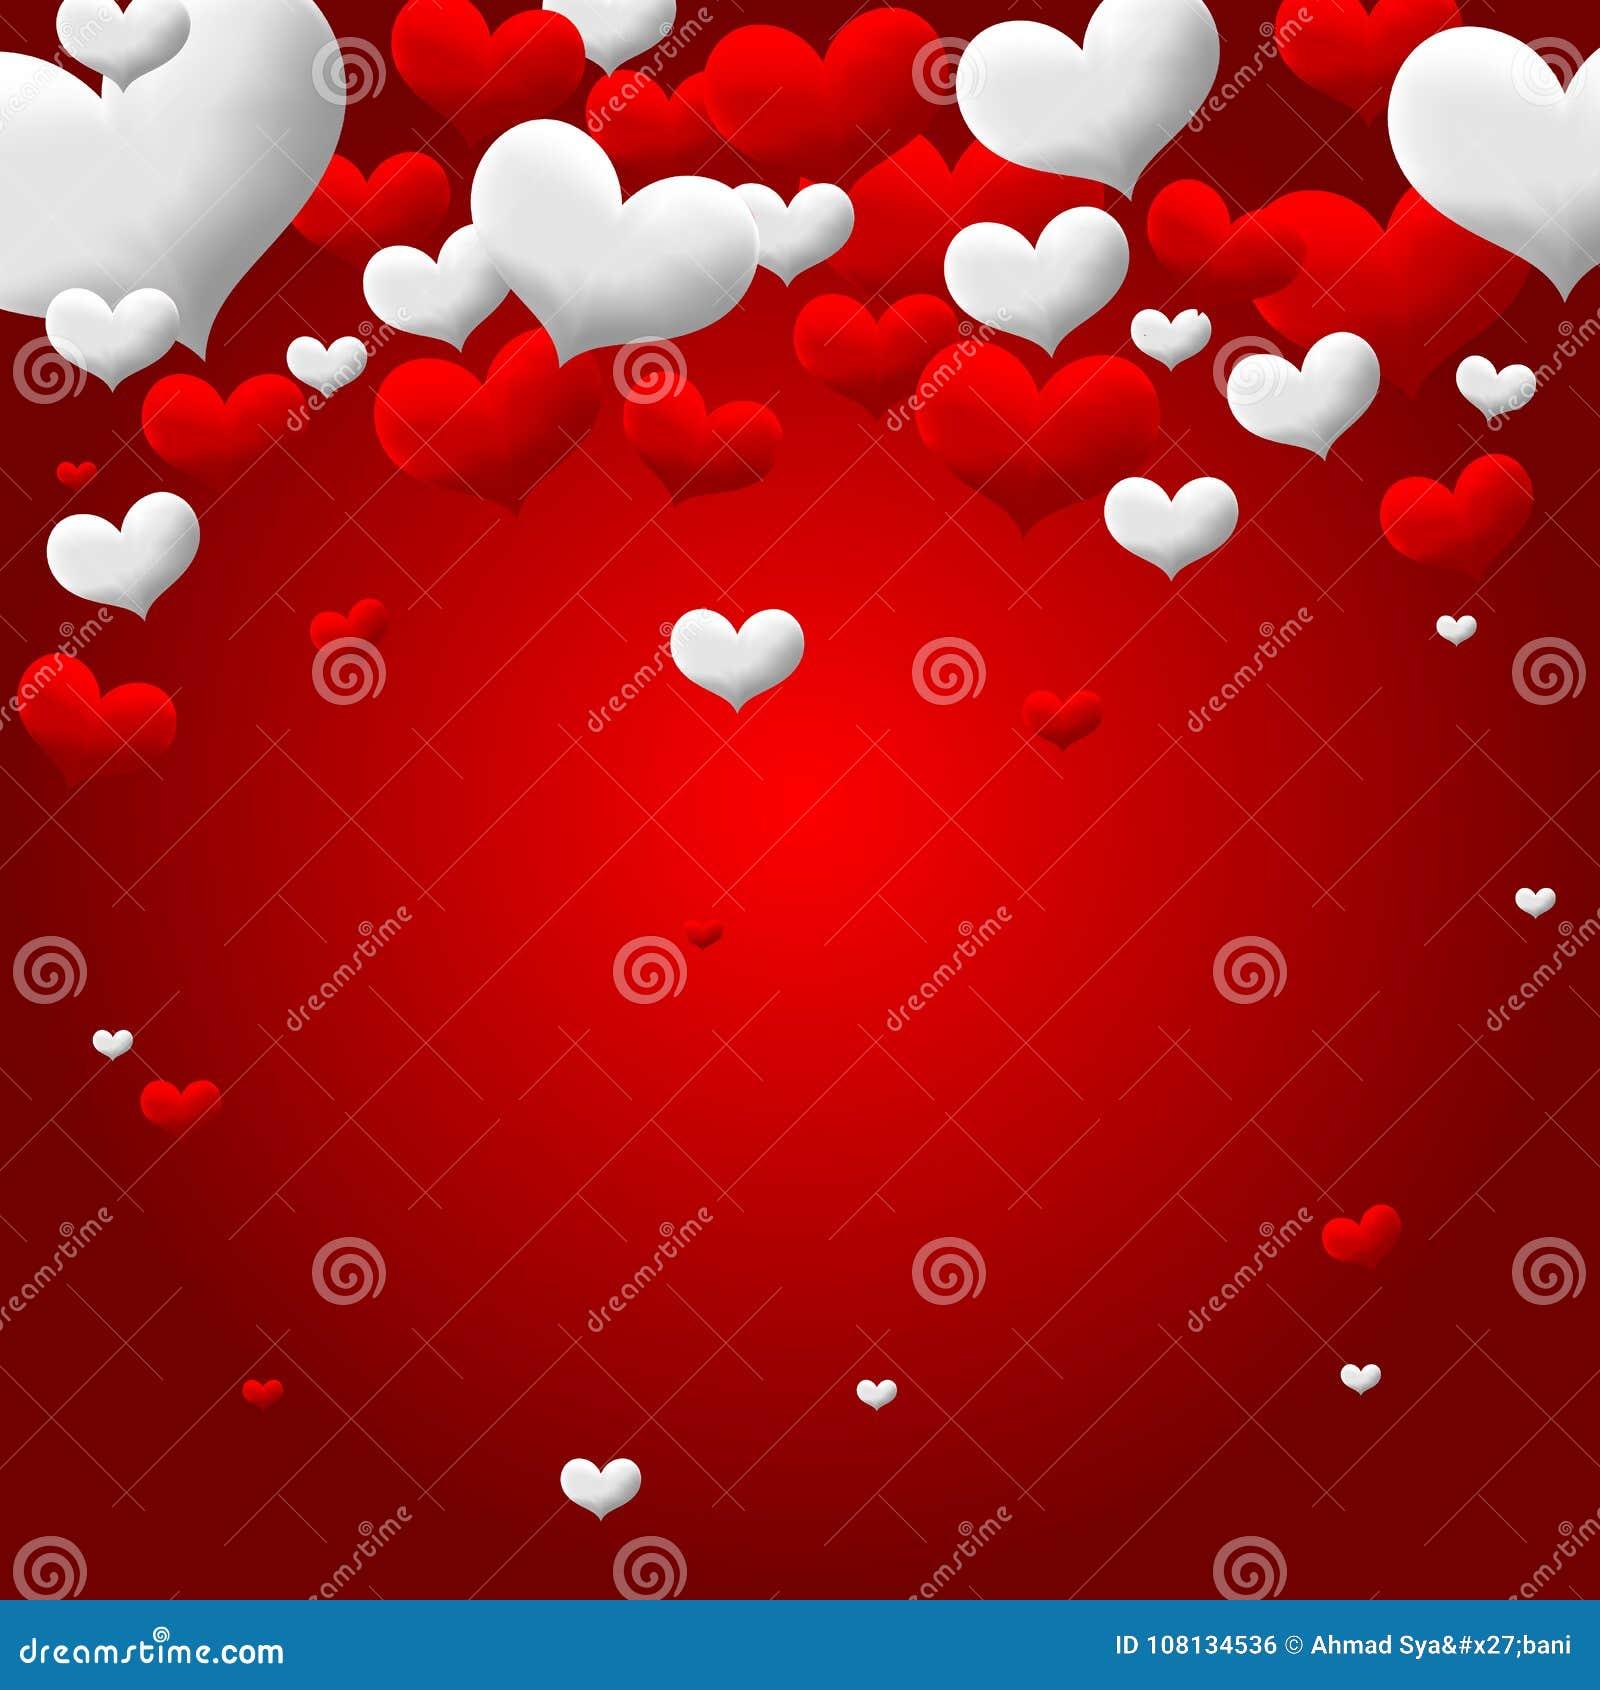 Valentines Love heart background